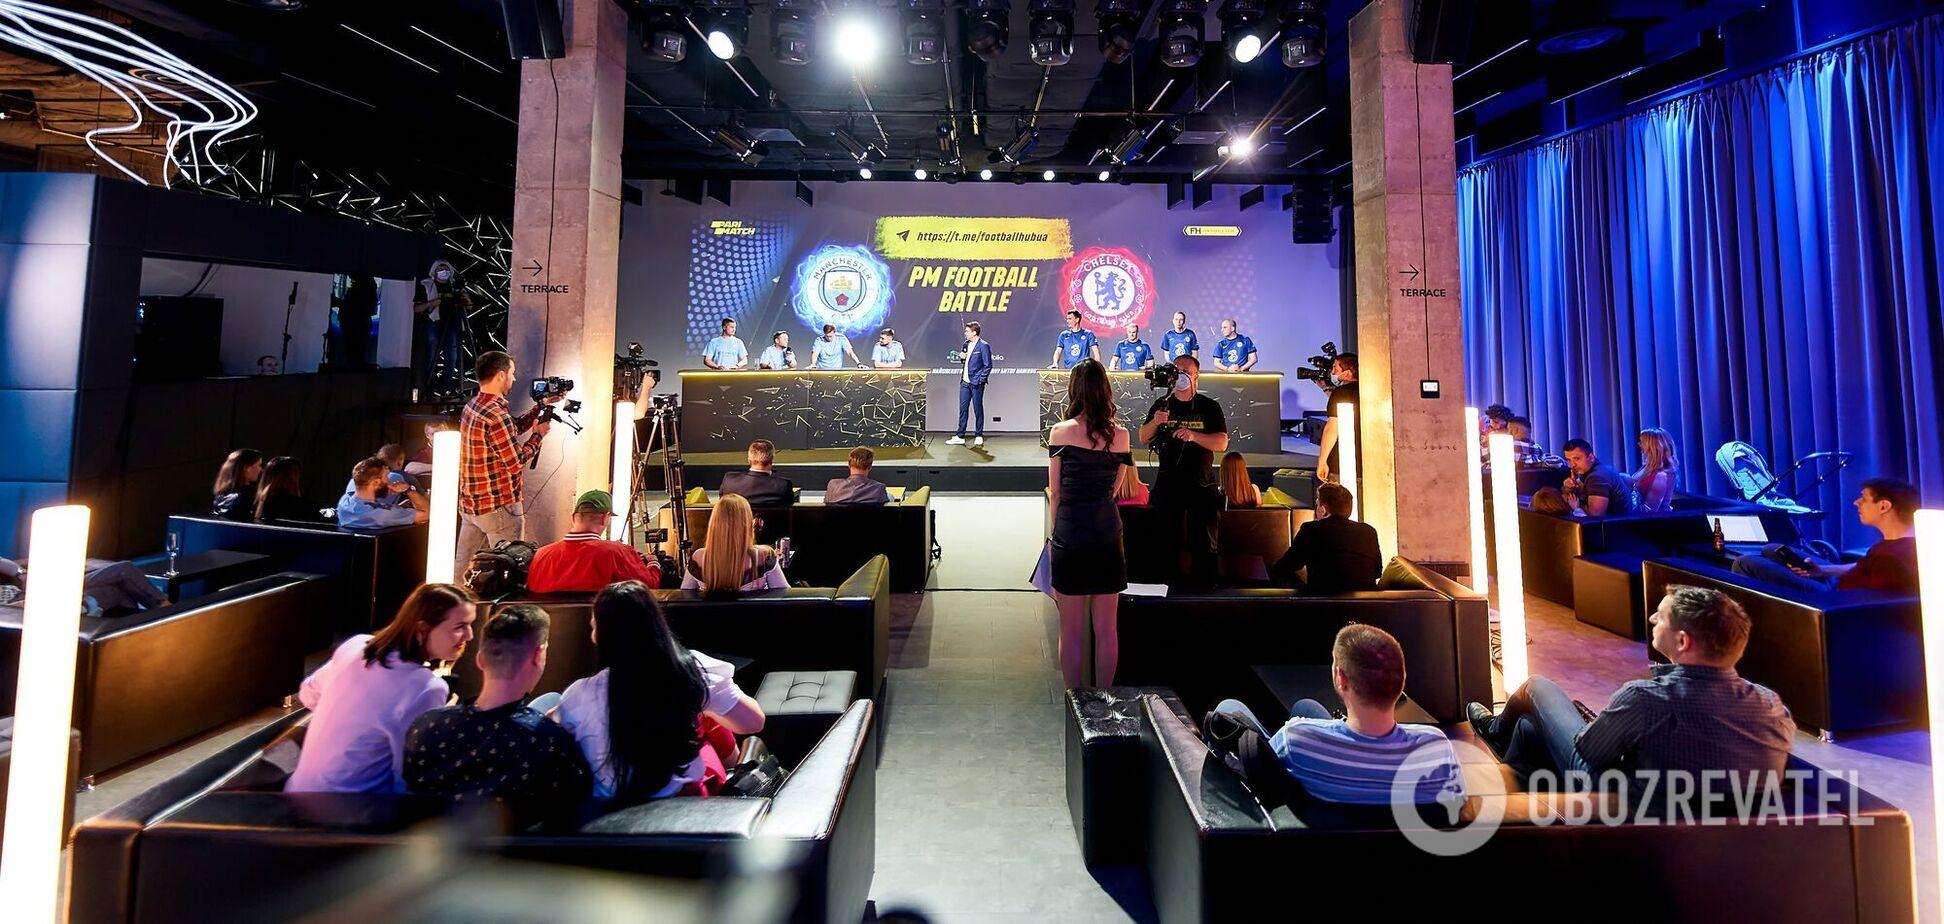 Перед фіналом Ліги чемпіонів фани 'Манчестер Сіті' і 'Челсі' взяли участь в PM Football Battle